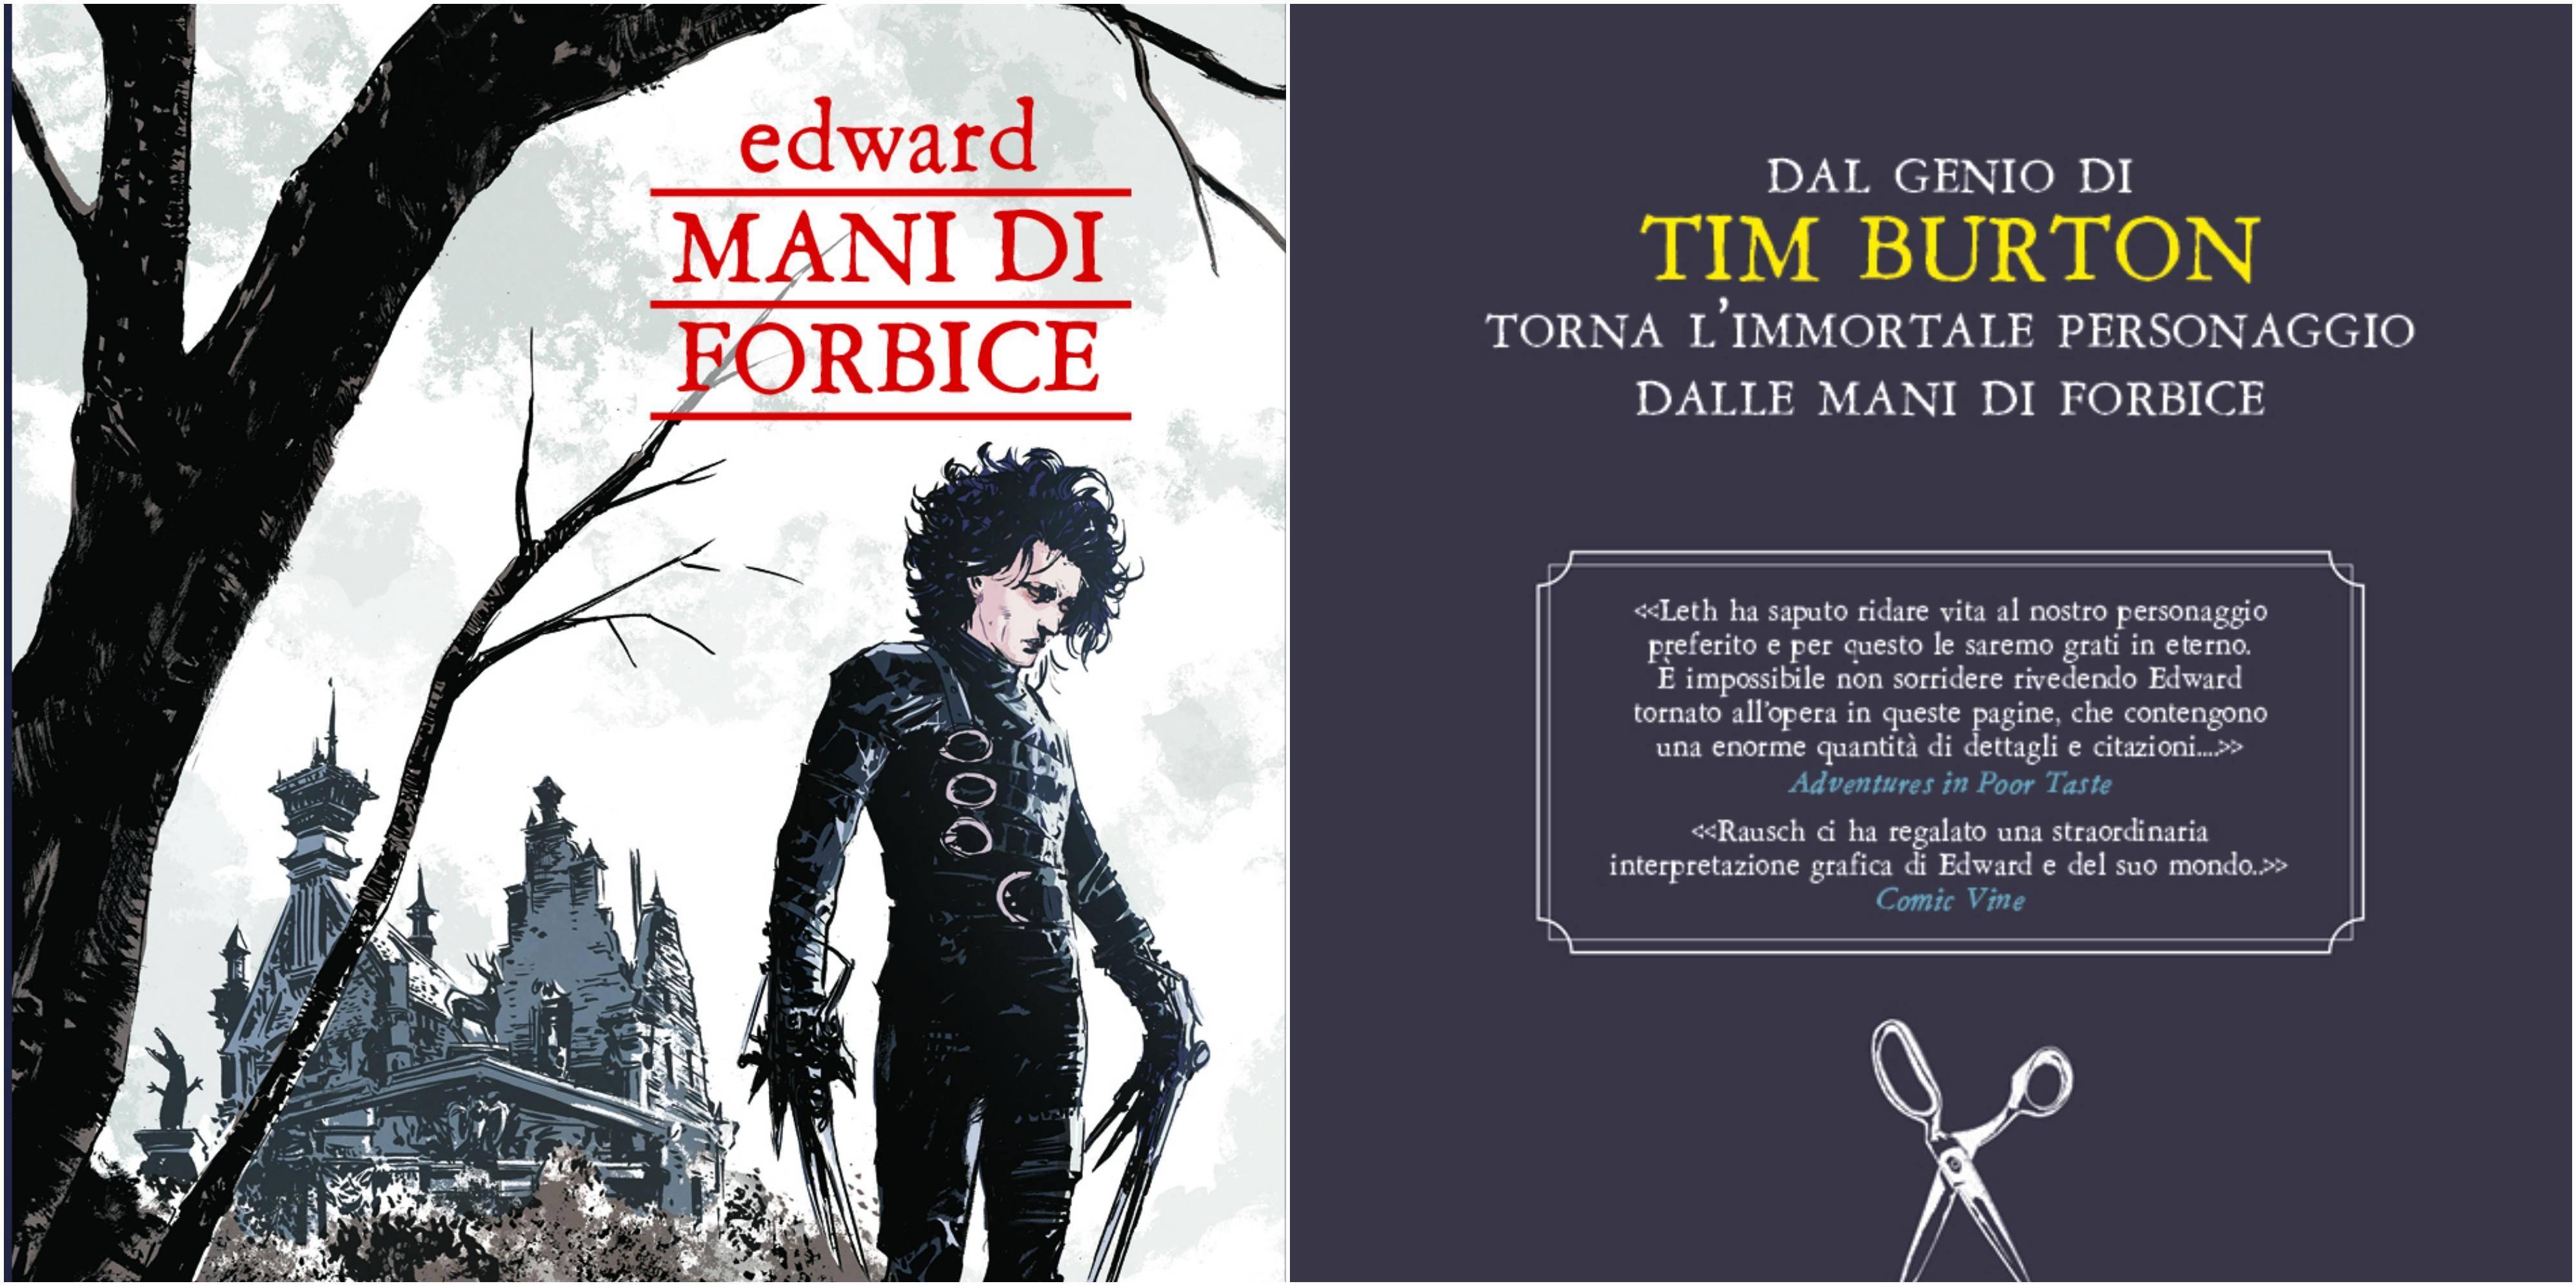 Edward Mani Di Forbice Recensione Del Sequel A Fumetti Di